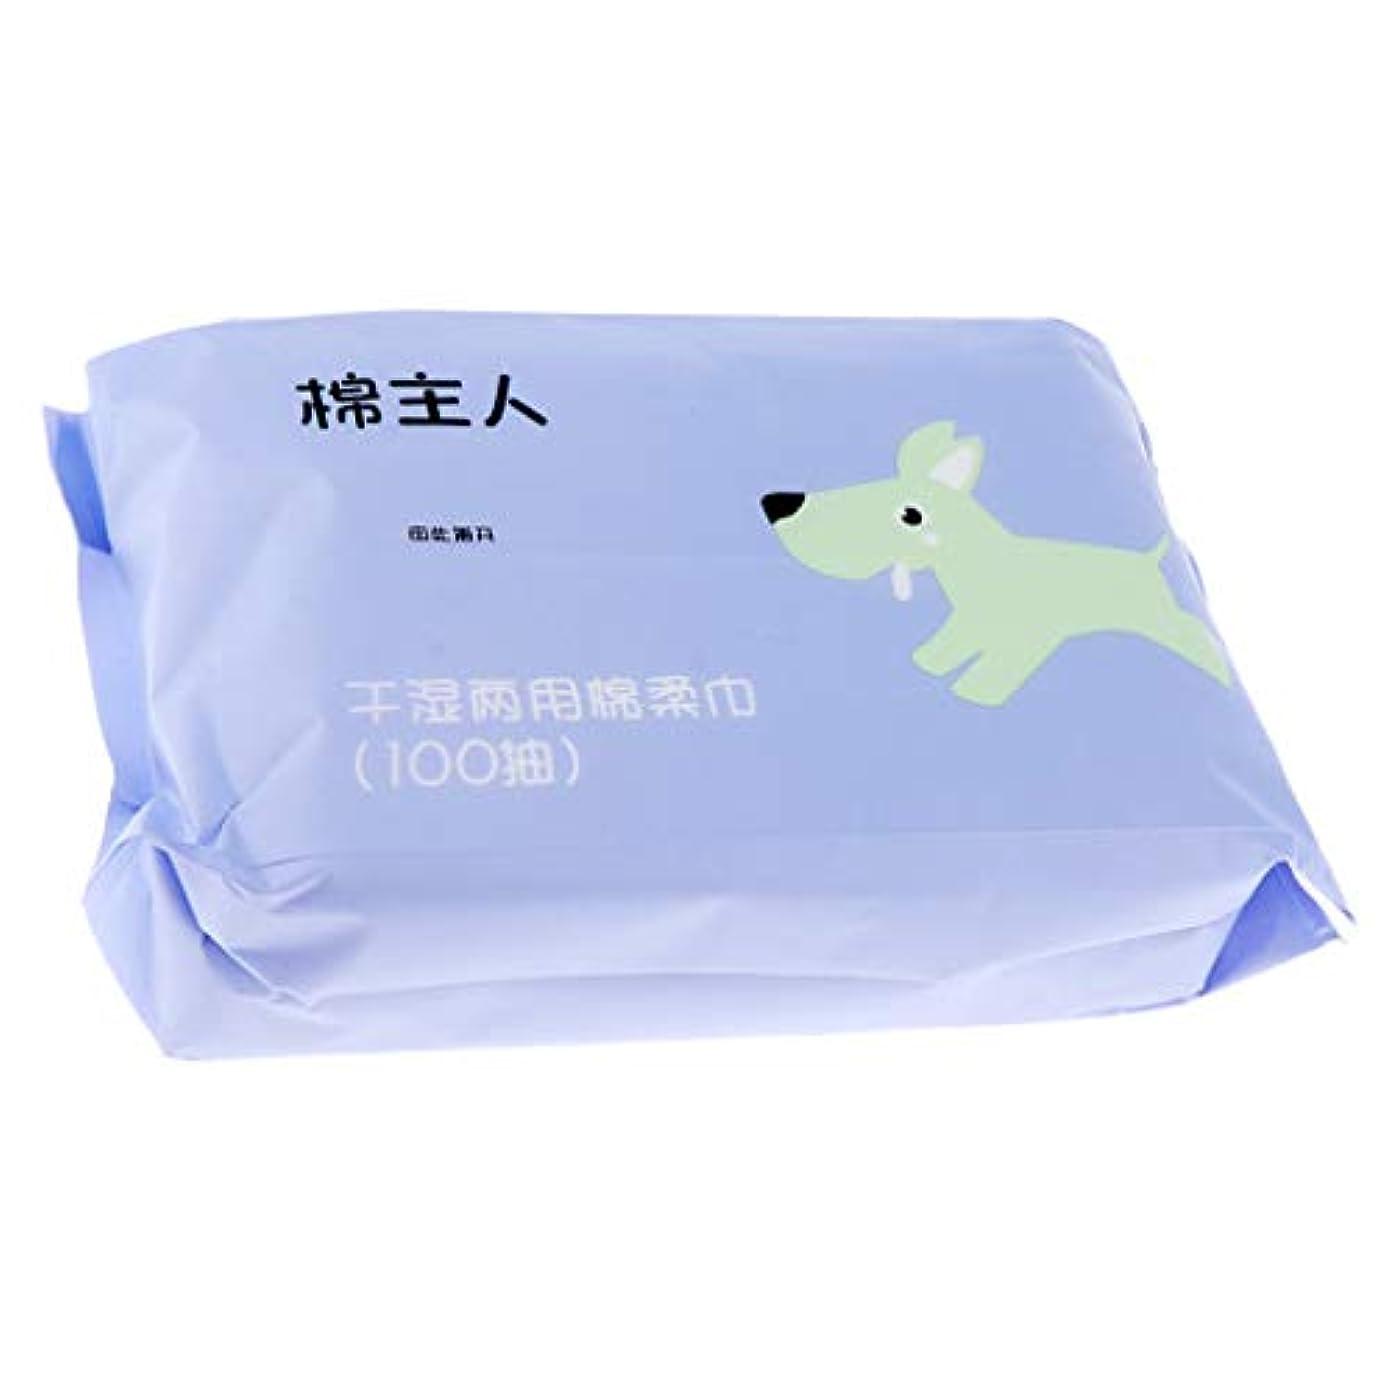 光電貞震え約100枚 クレンジングシート フェイス クリーニング タオル メイク落とし 清潔 衛生 非刺激 - 青紫